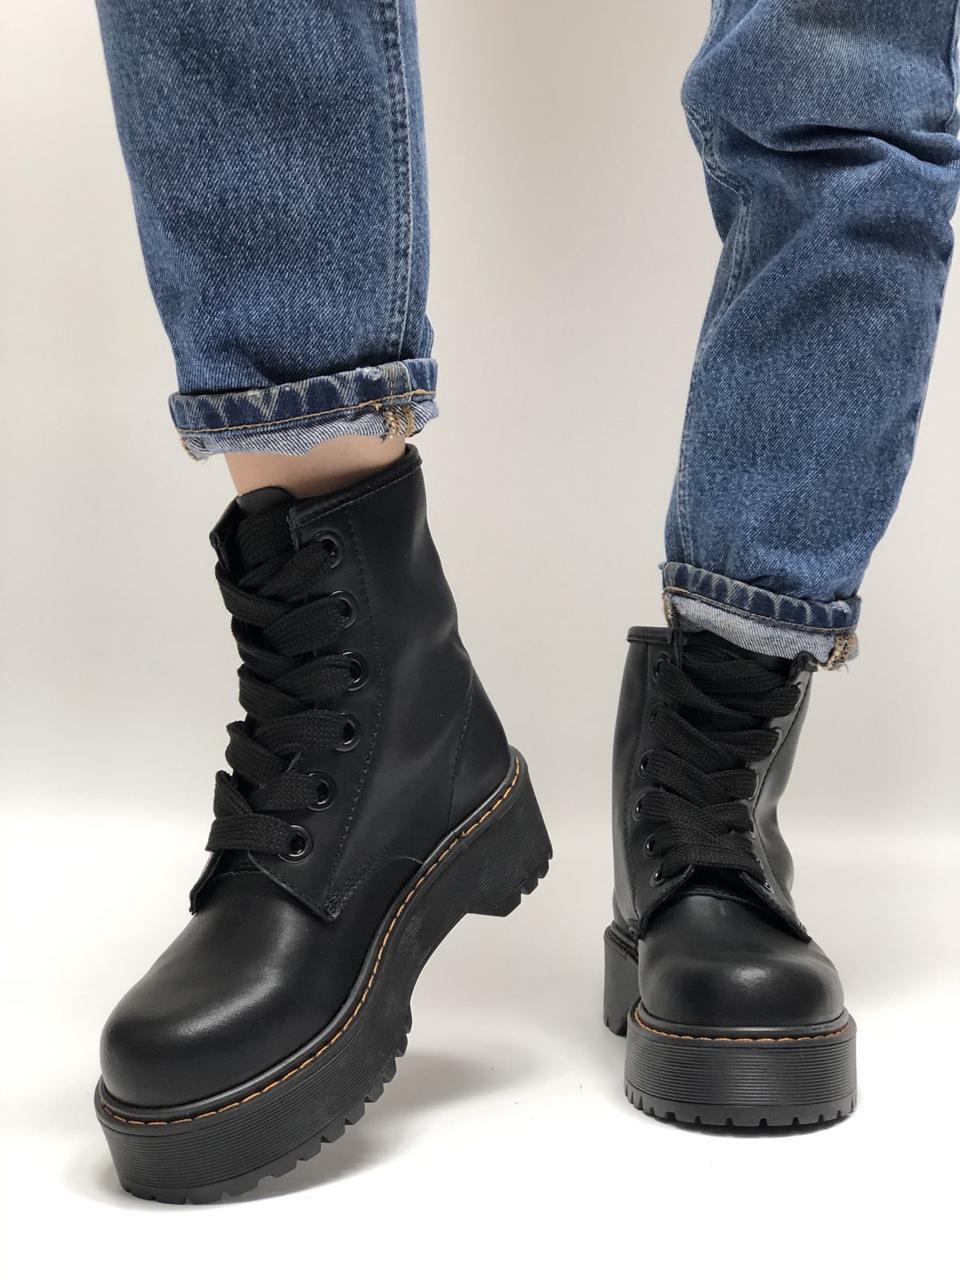 Жіночі черевики Dr Martens Molly в стилі Доктор Мартінс ЧОРНІ (Репліка ААА+)